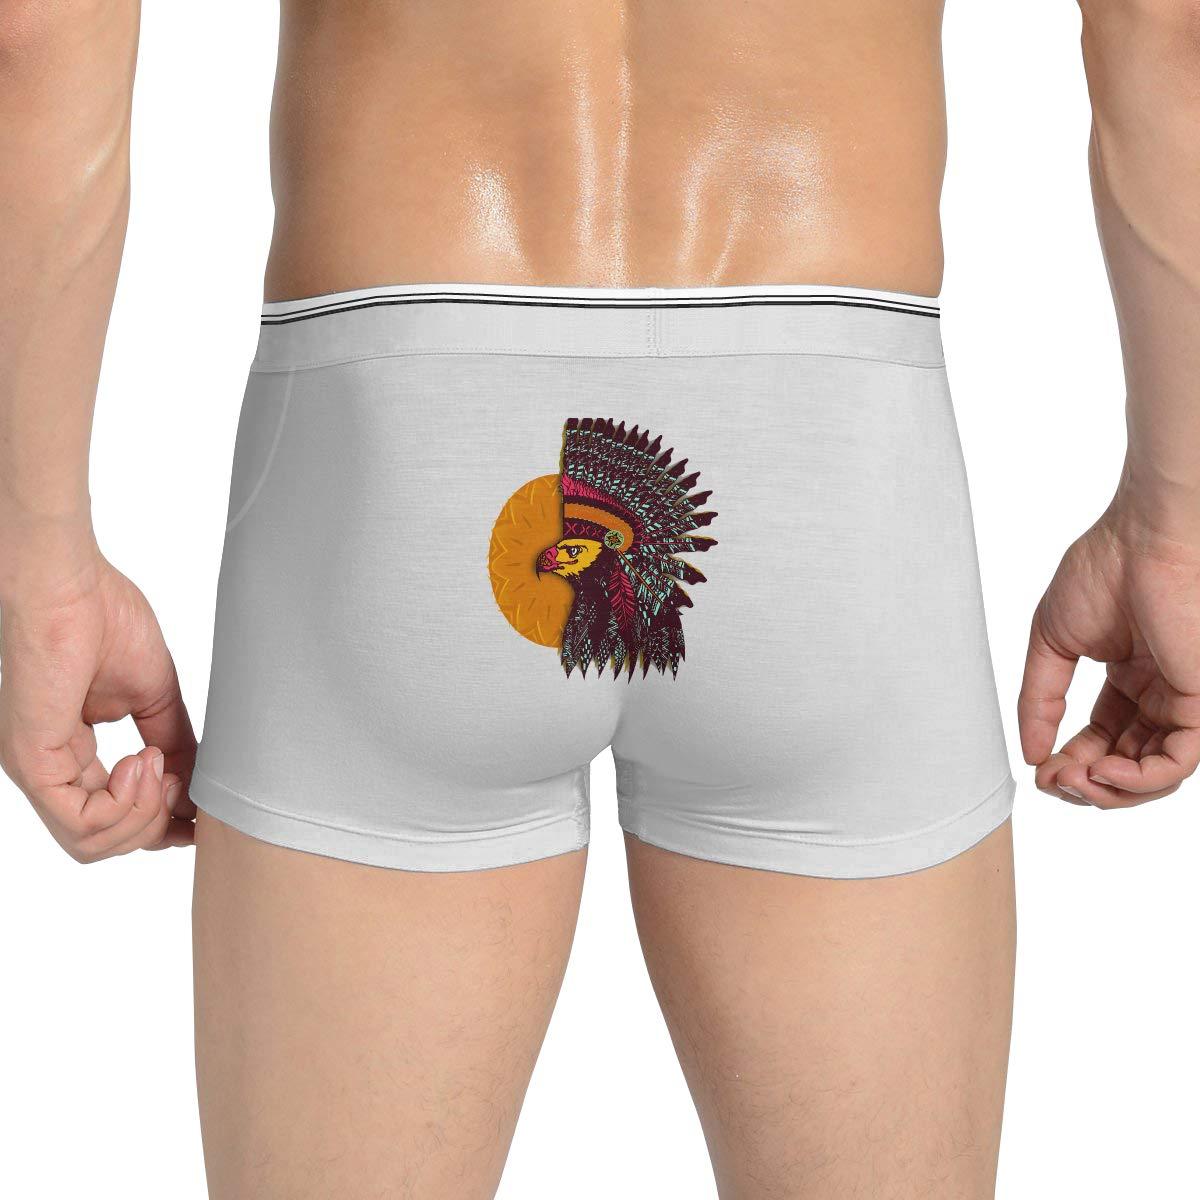 American Sun Indian Headdress Printed Mens Solid Ultra Soft Underwear Cotton Underwear Boxer Brief